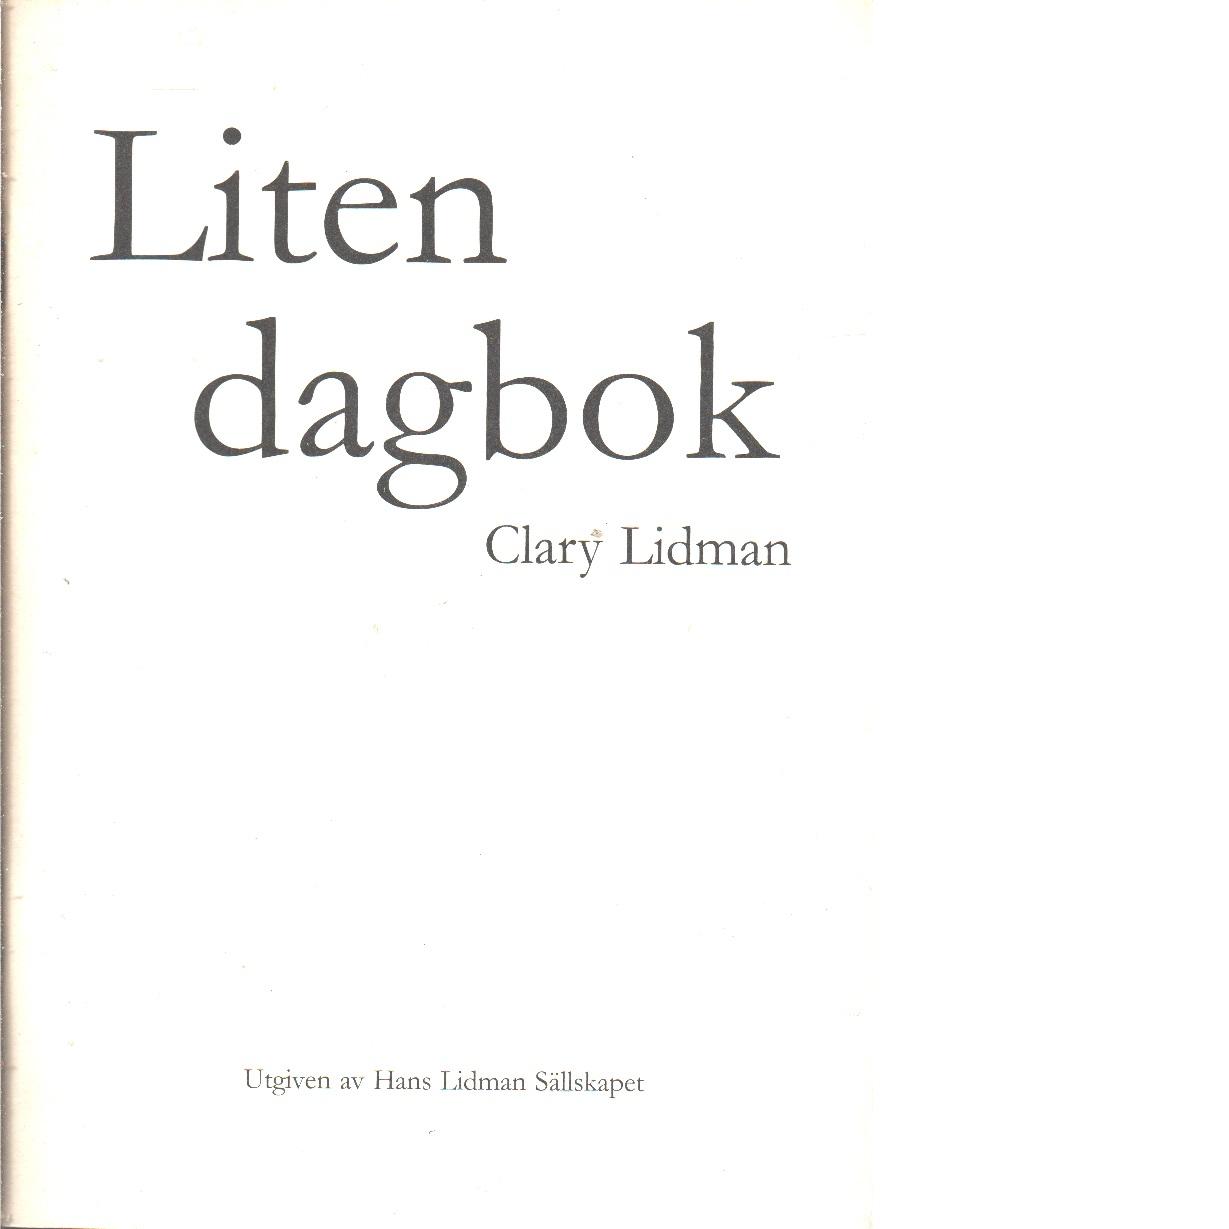 Liten dagbok - Lidman, Clary